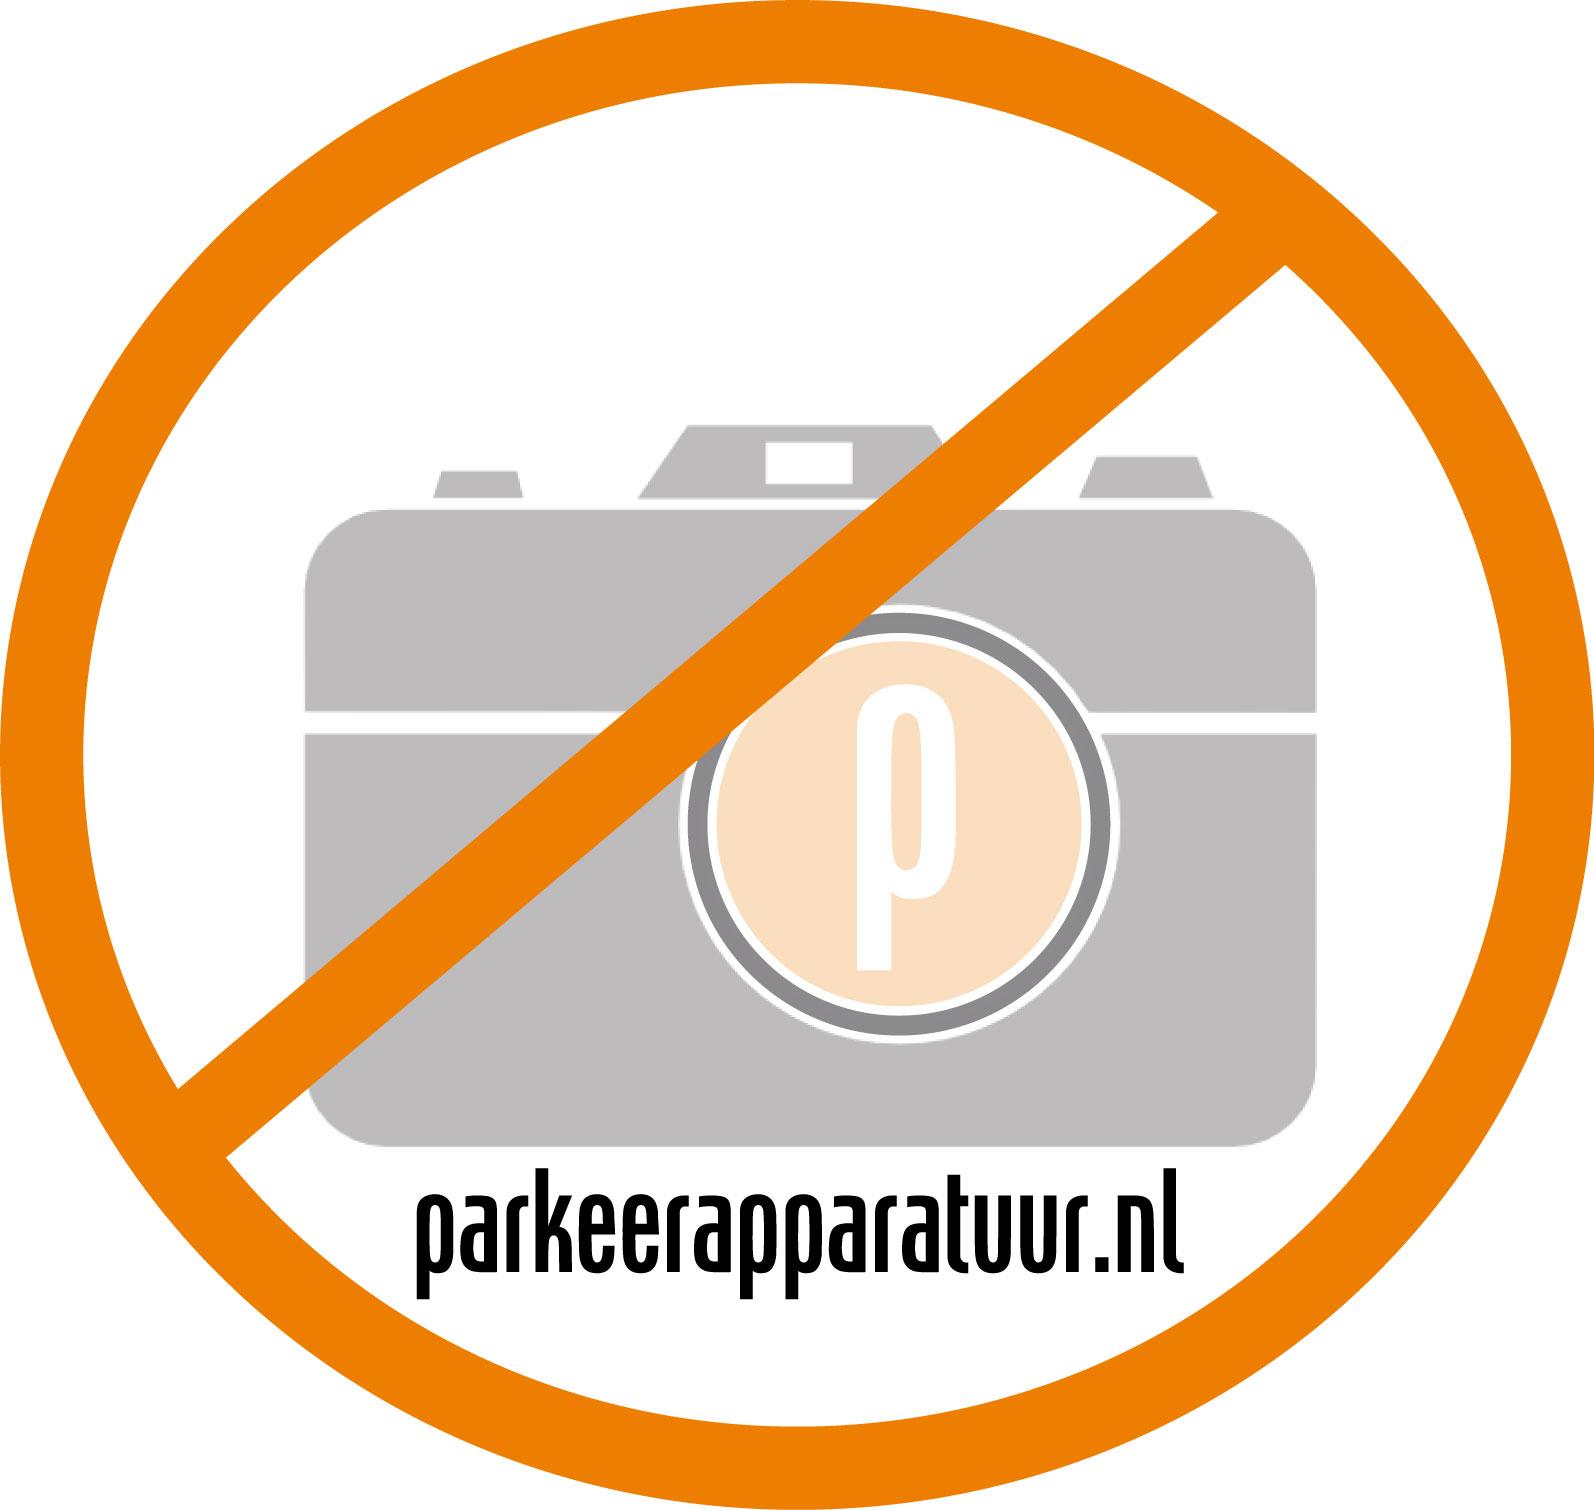 Sleutelschakelaar inbouw (1x puls) SE-UPRA1-1T